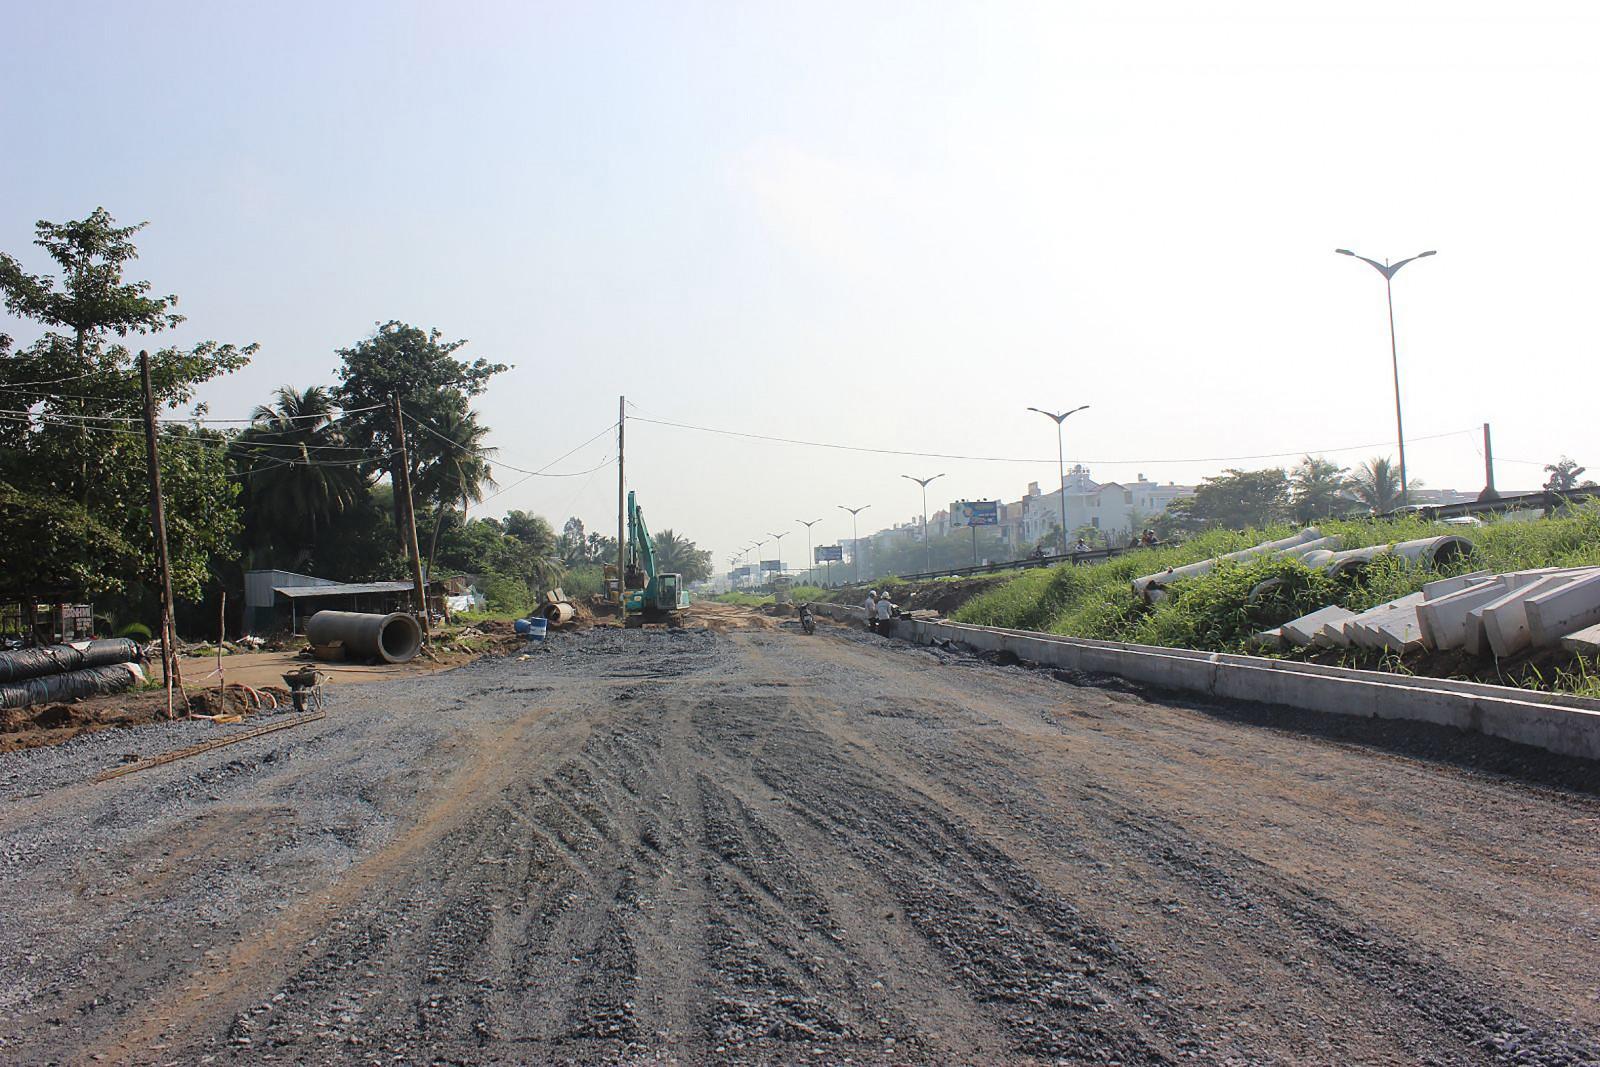 Công trình xây dựng đường Trần Hoàng Na đường song hành tới nút giao IC3 đến nay tiến độ đã đạt khoảng 44%, dự kiến đến cuối năm 2019 hoàn thành khoảng 78% khối lượng.